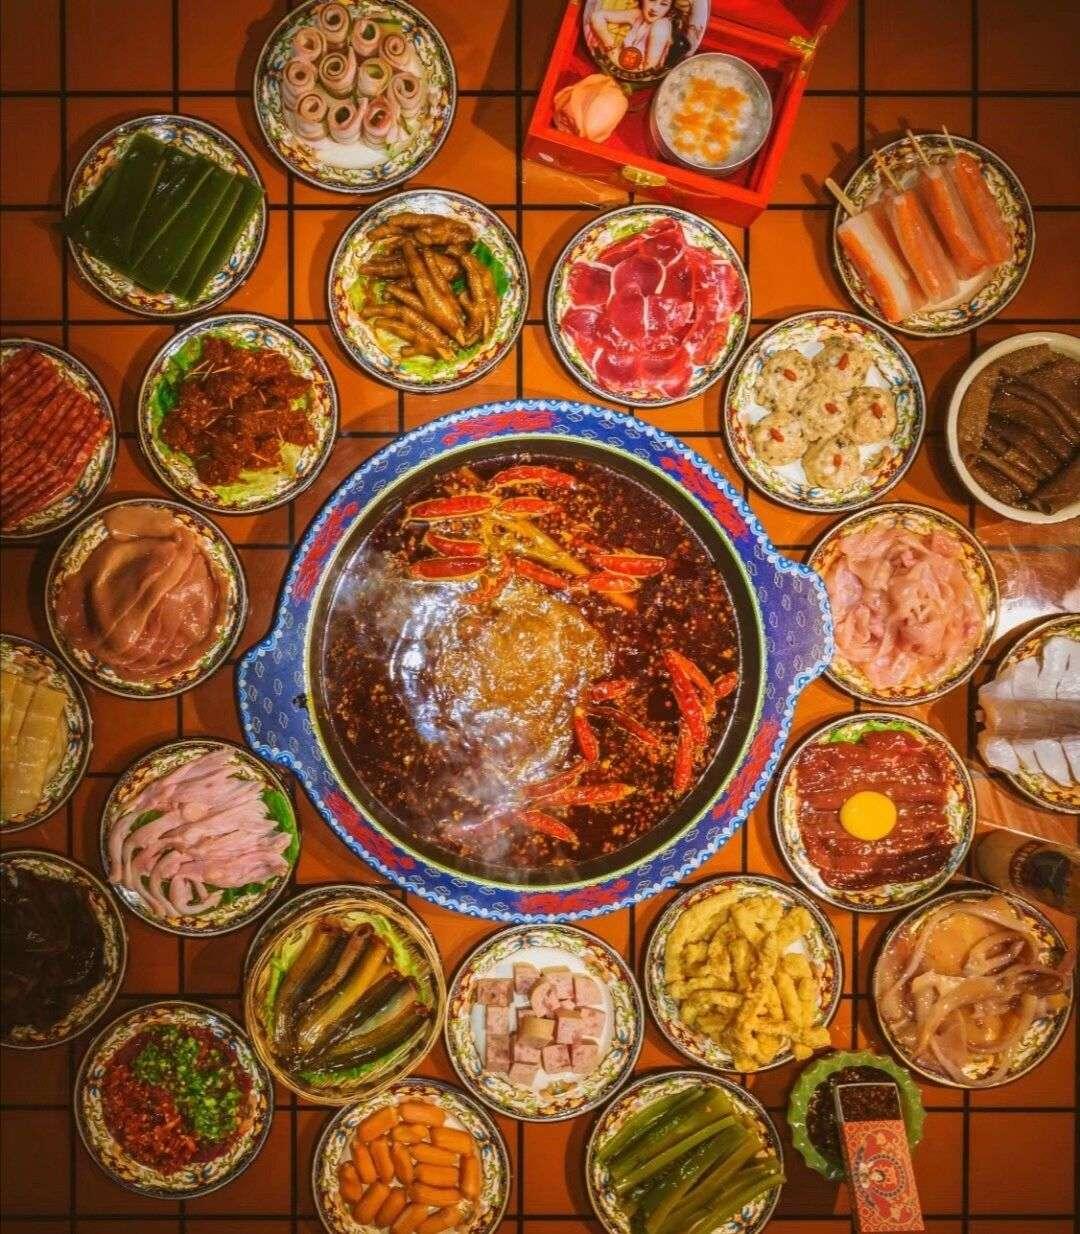 大家来摆一哈:梁平哪里的火锅好吃?